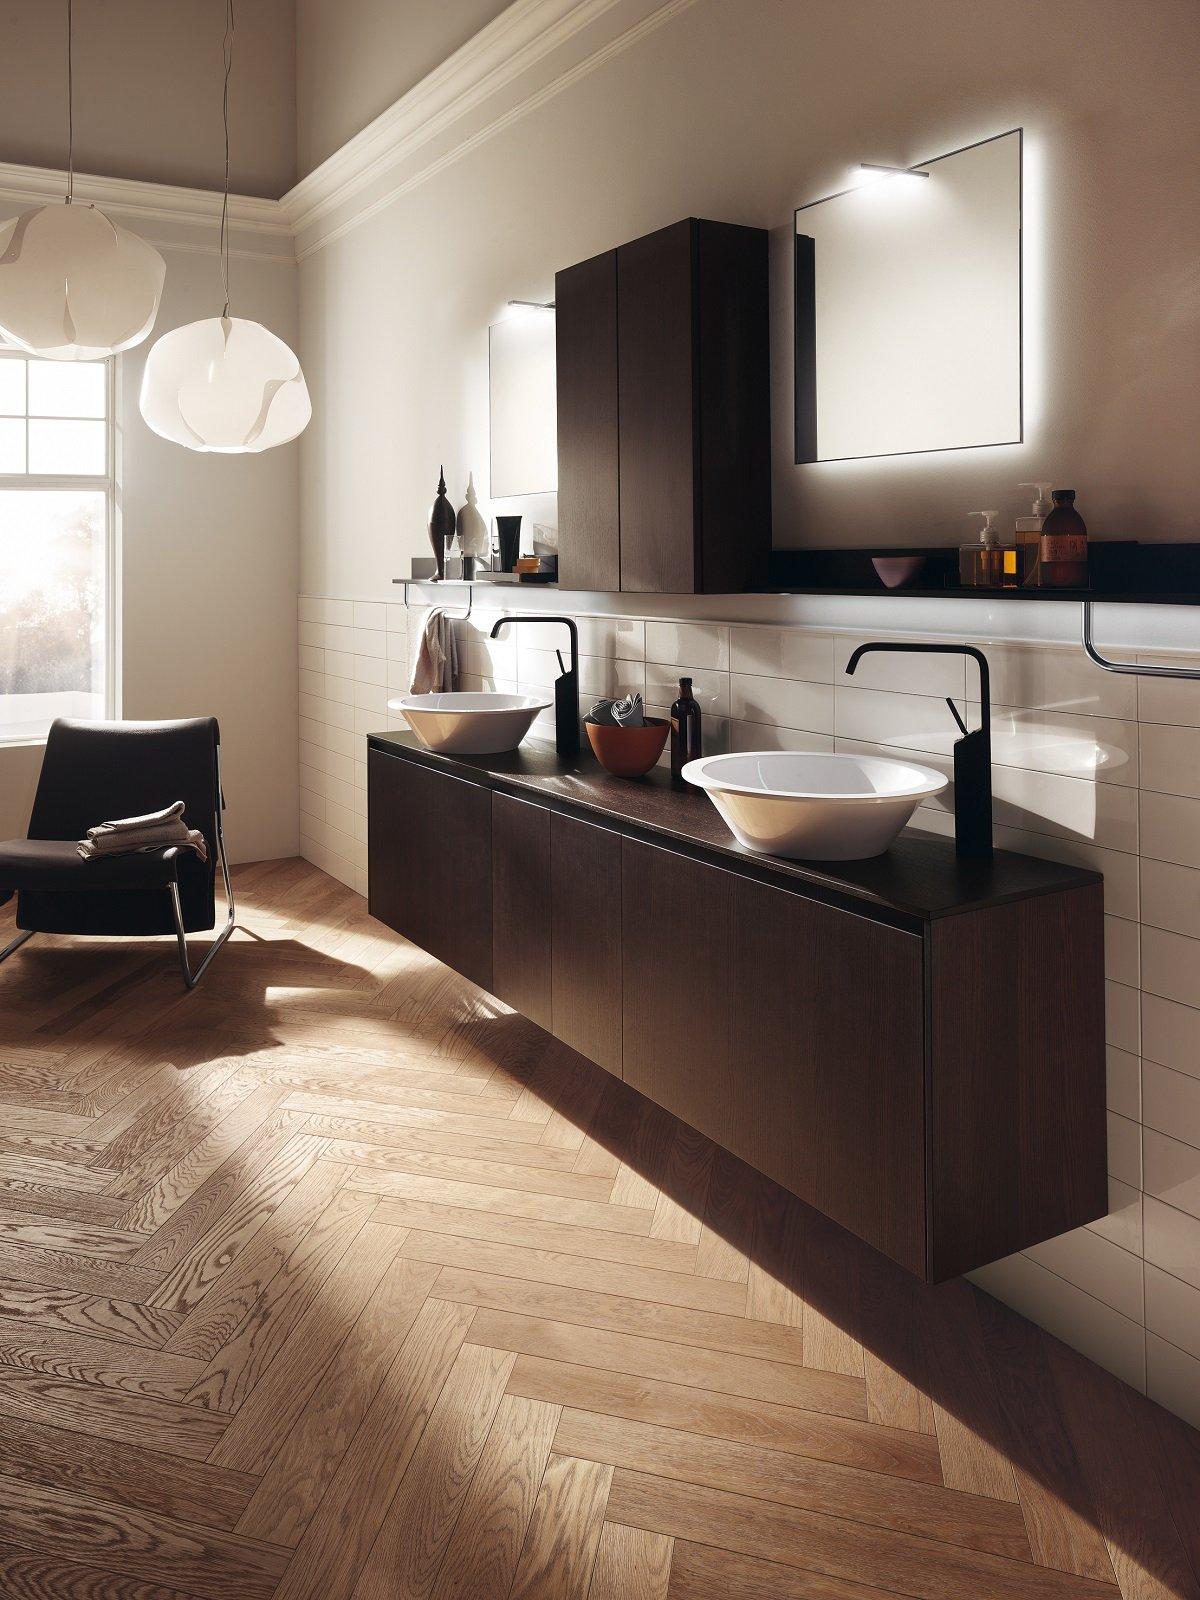 Per il lavabo non solo ceramica cose di casa - Non solo bagno milazzo ...